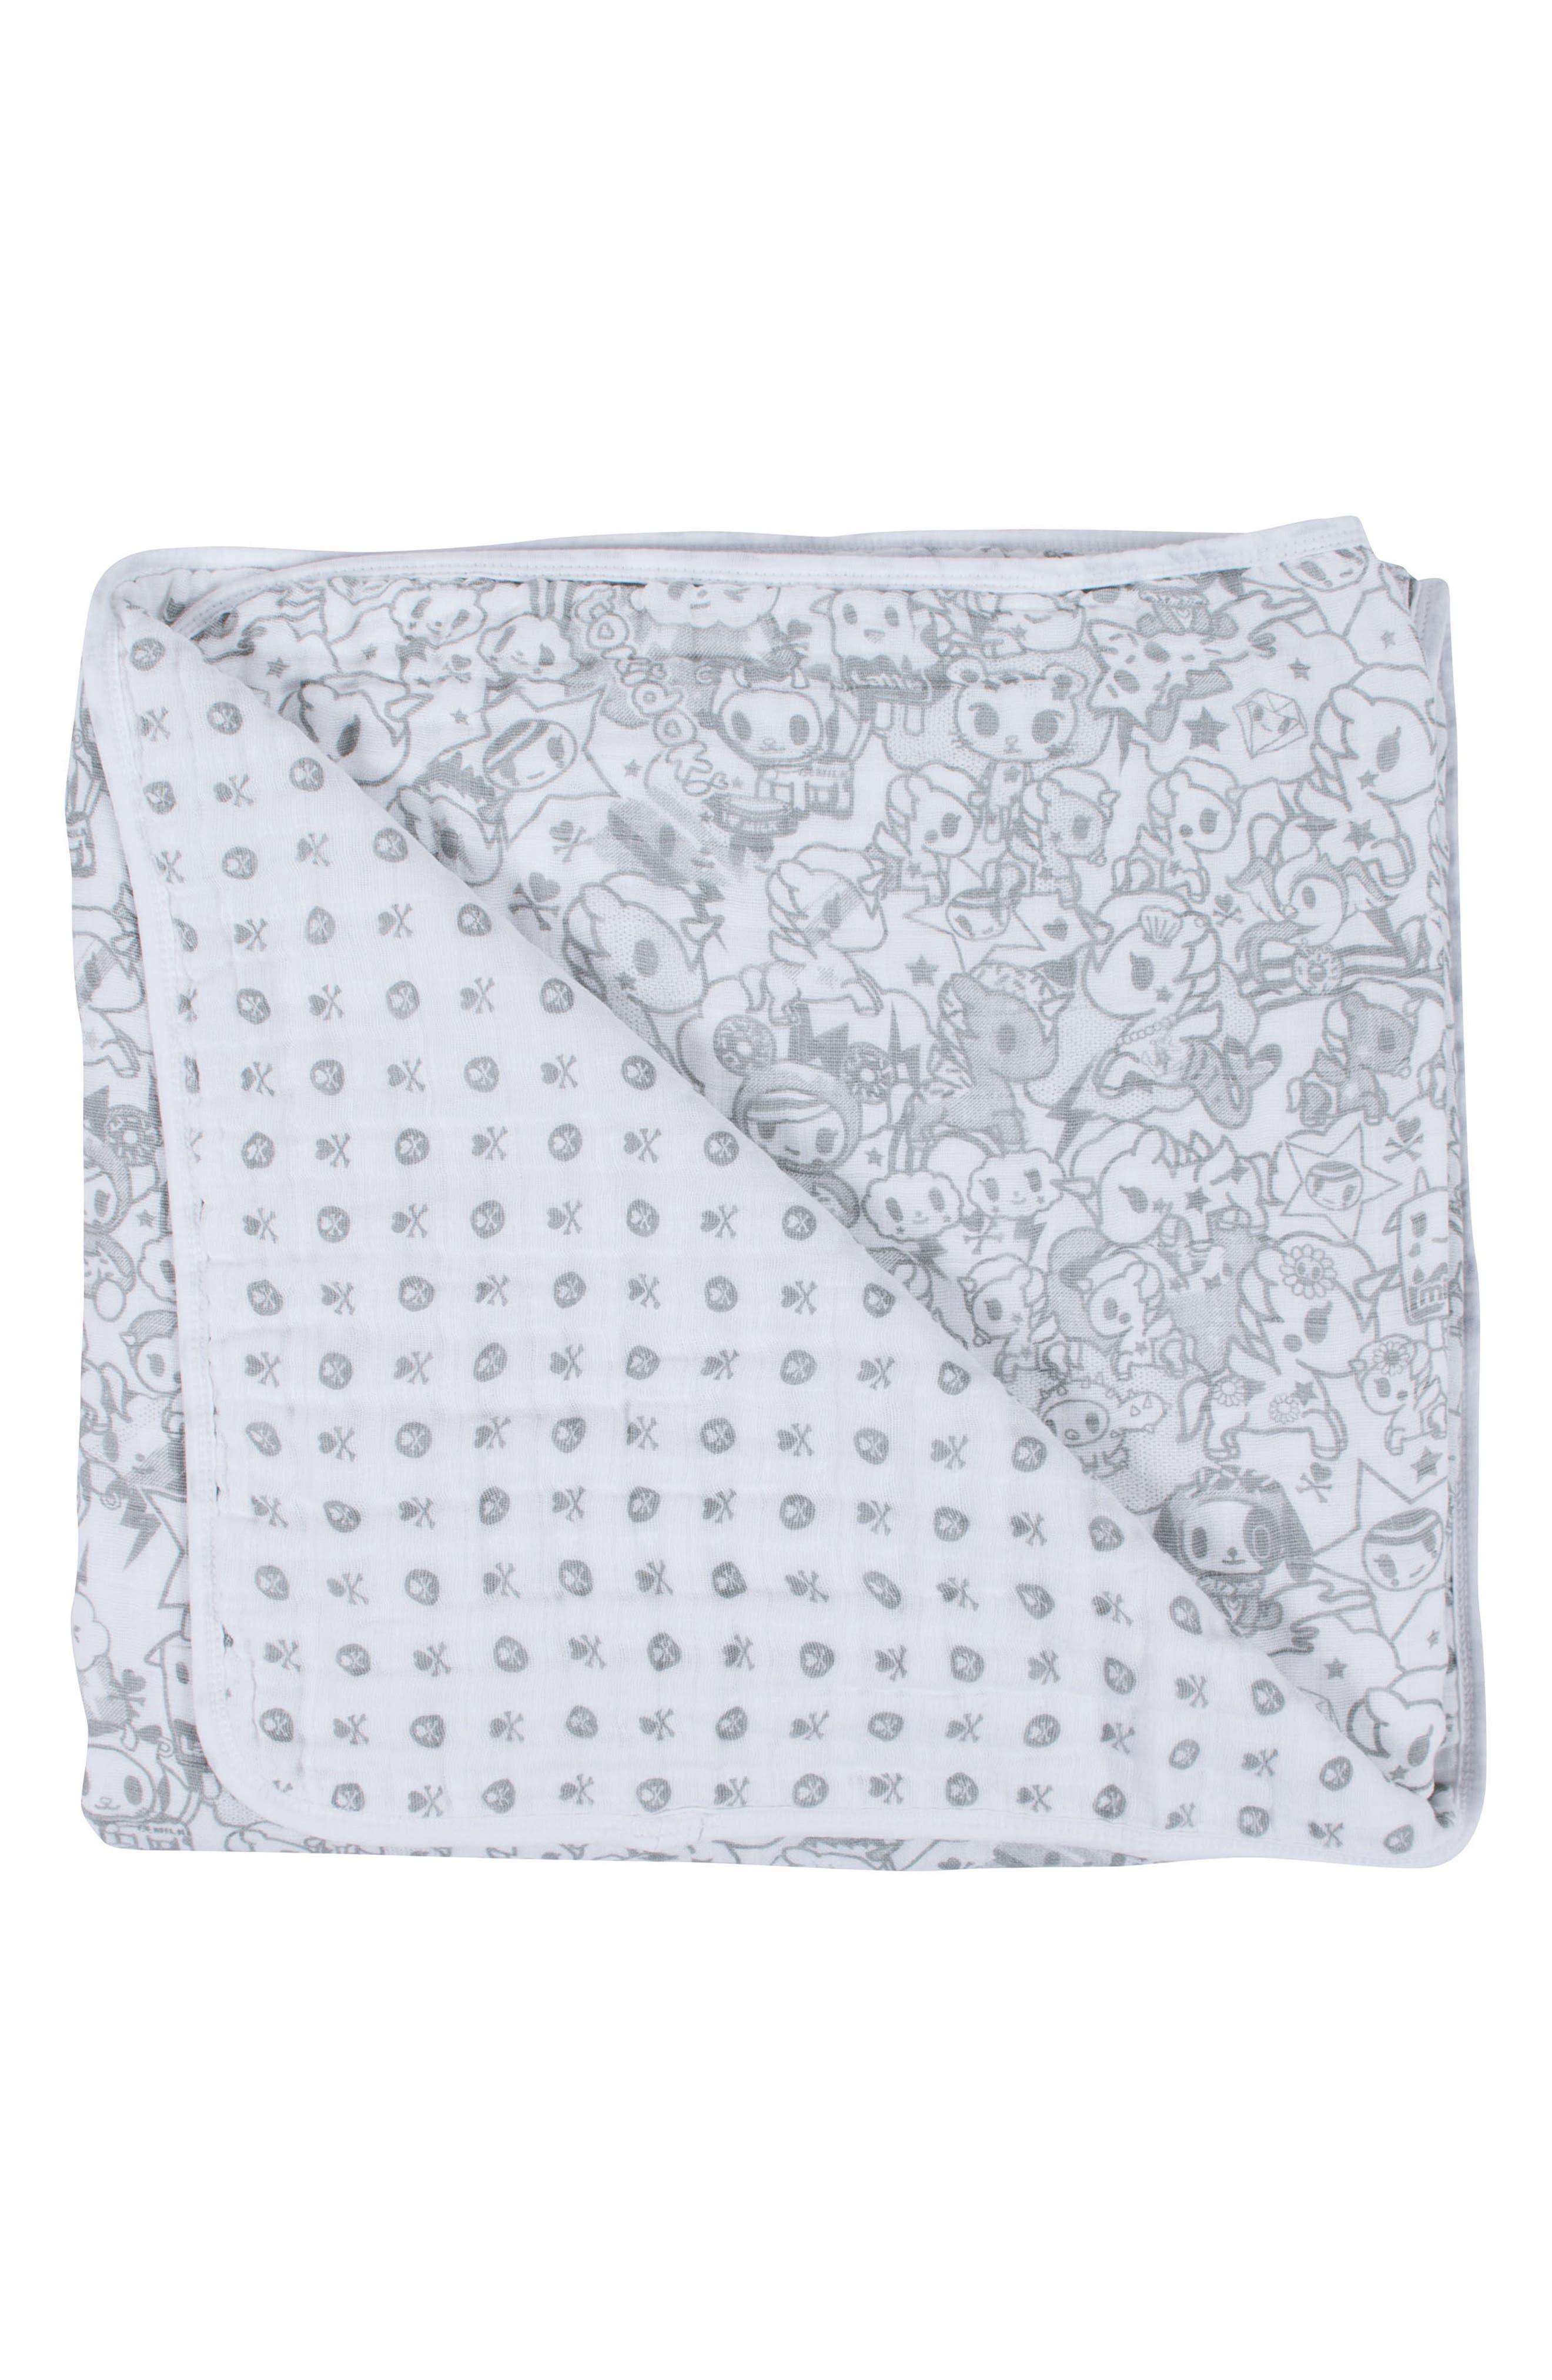 Bébé au Lait Print Cotton Muslin Blanket